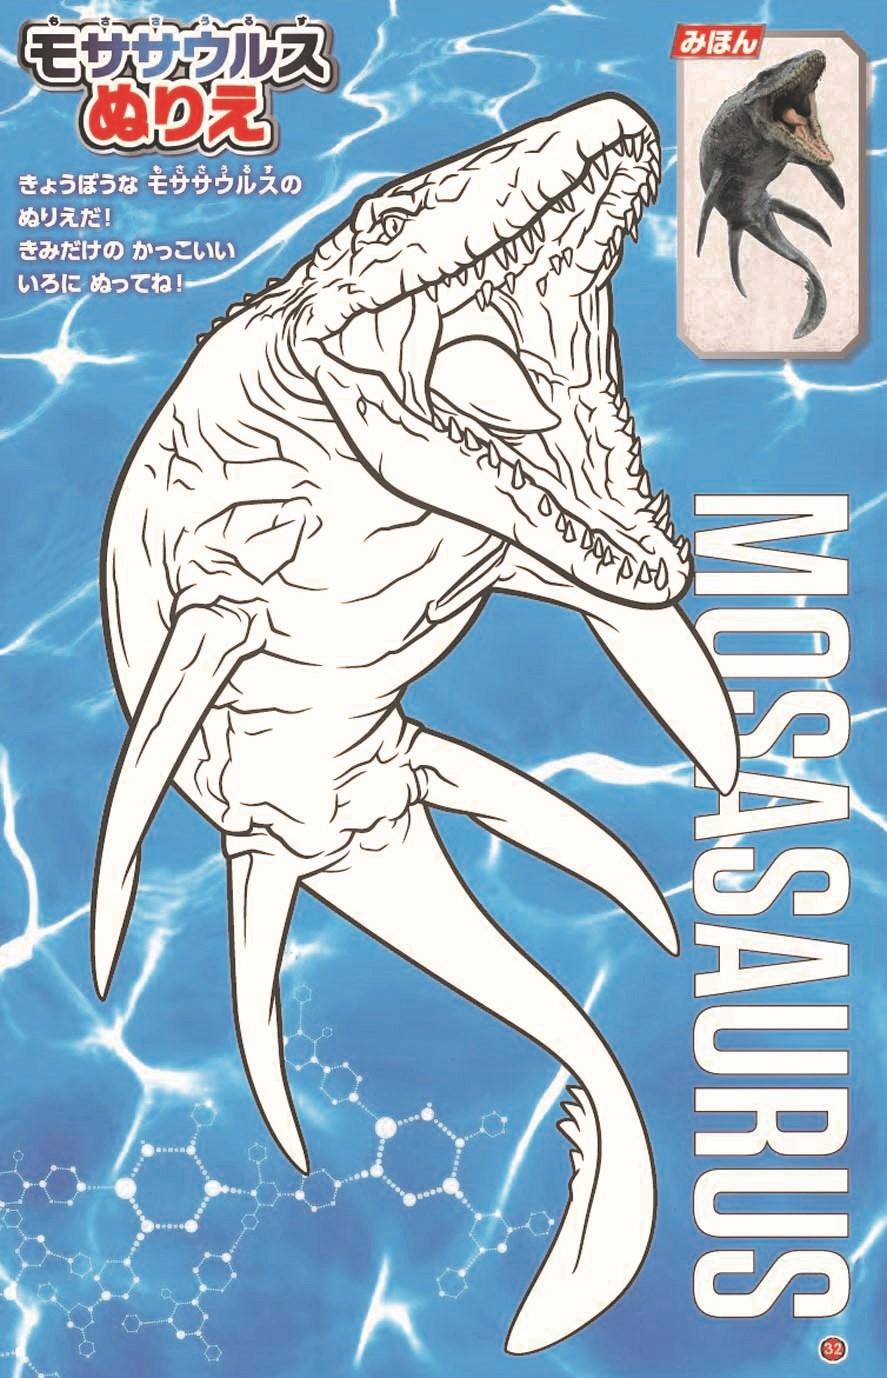 「モササウルスぬりえ」画像